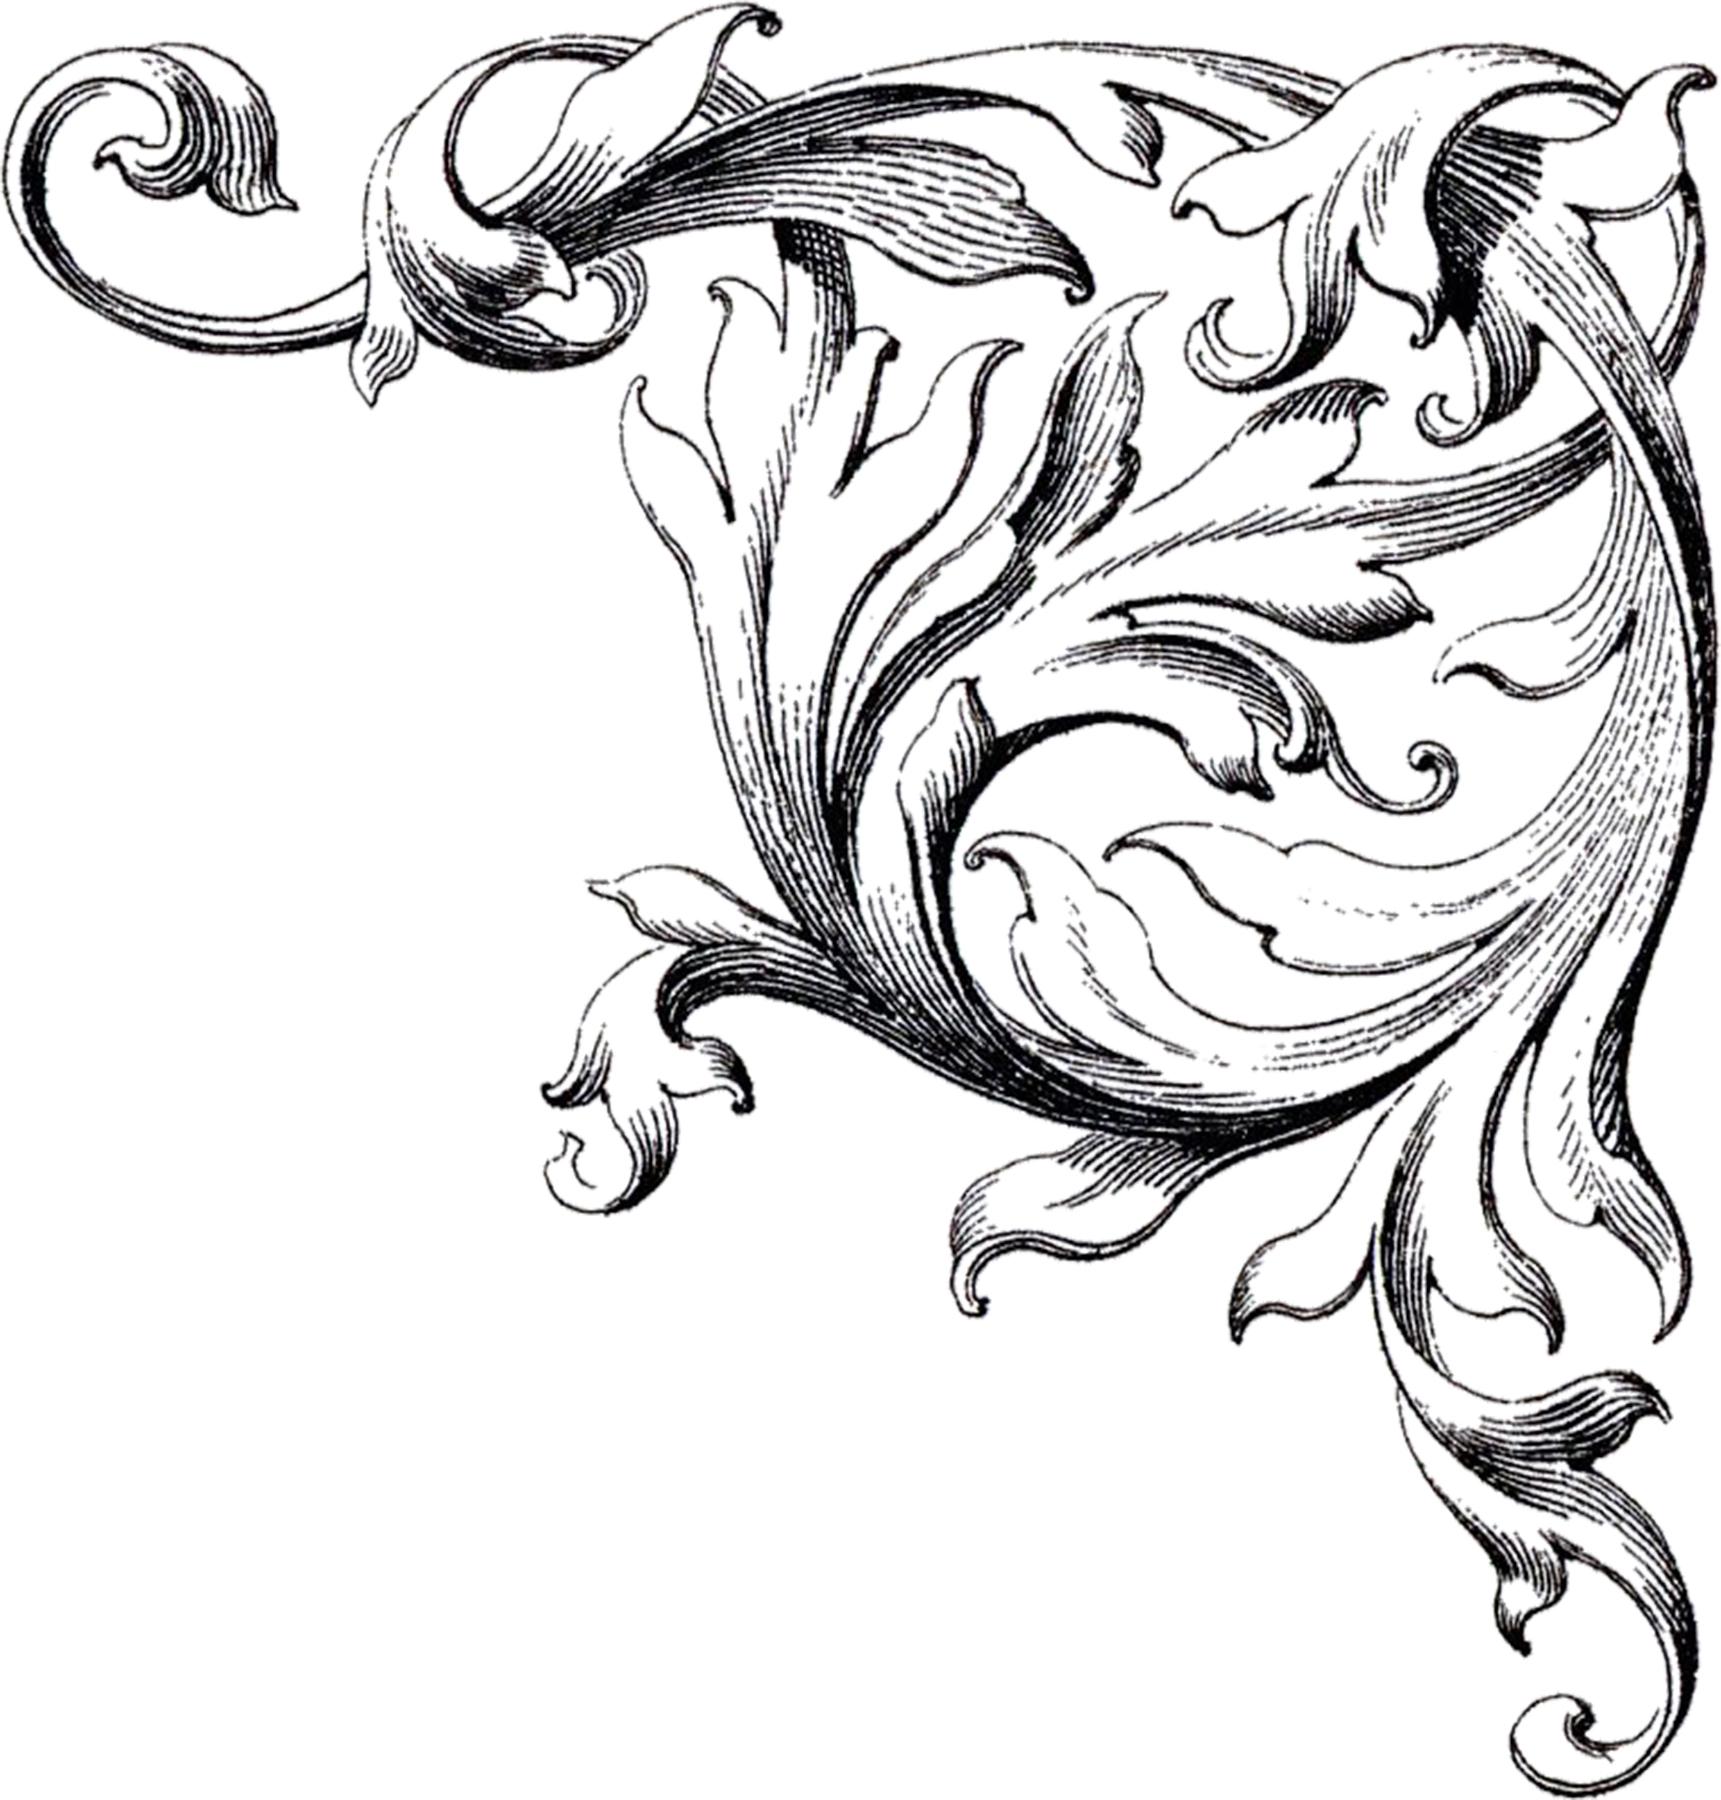 Free Wedding Clip Art Scrolls-Free Wedding Clip Art Scrolls-2